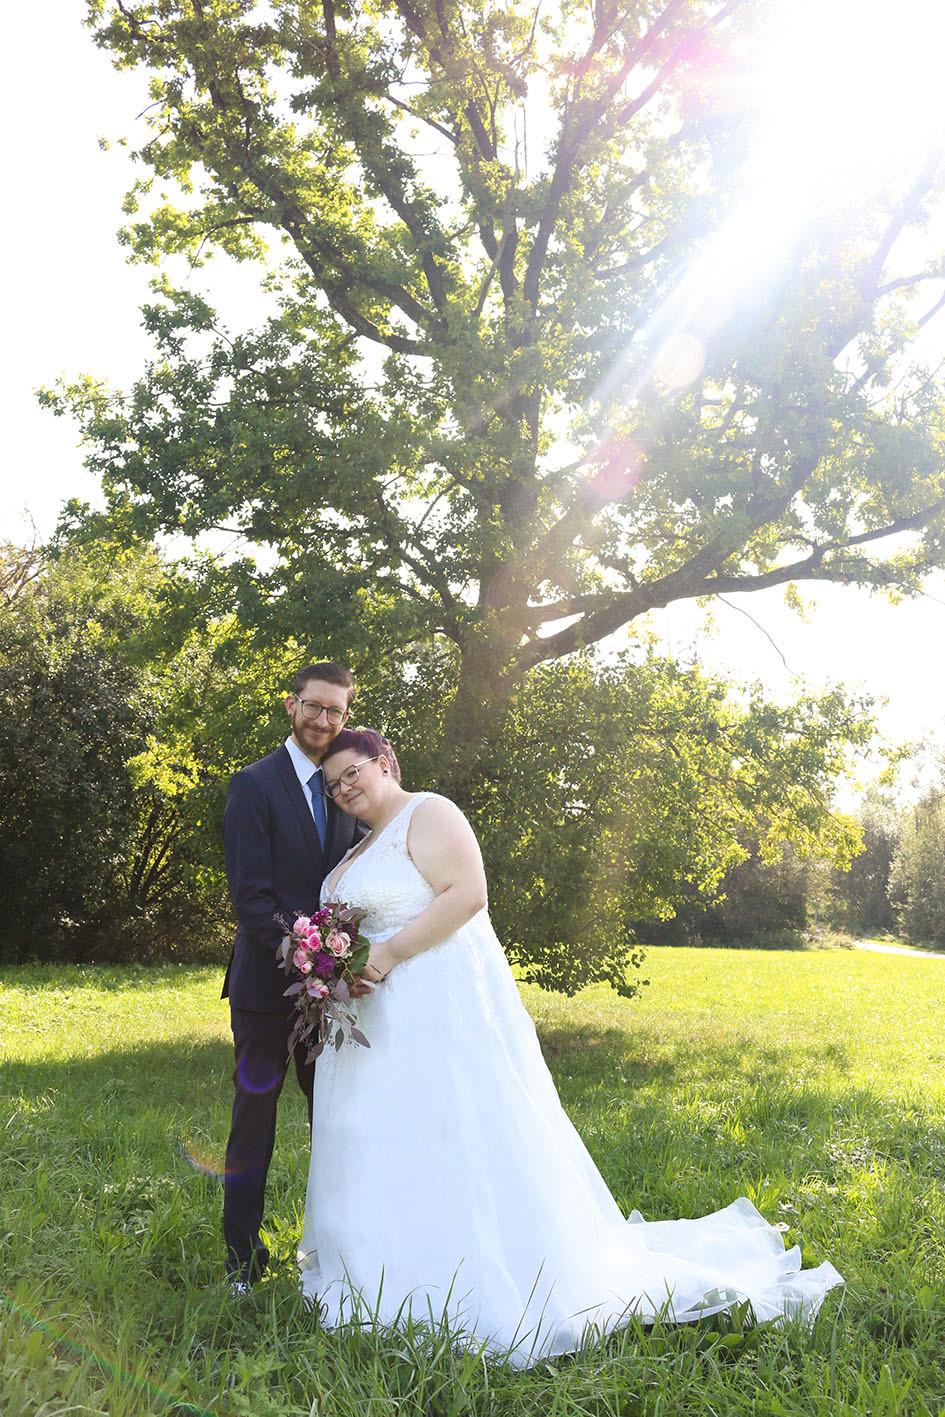 Christian hält seine Nina im Arm. Im Hintergrund steht ein riesiger Baum durch den die Sonne auf das Brautpaar strahlt.